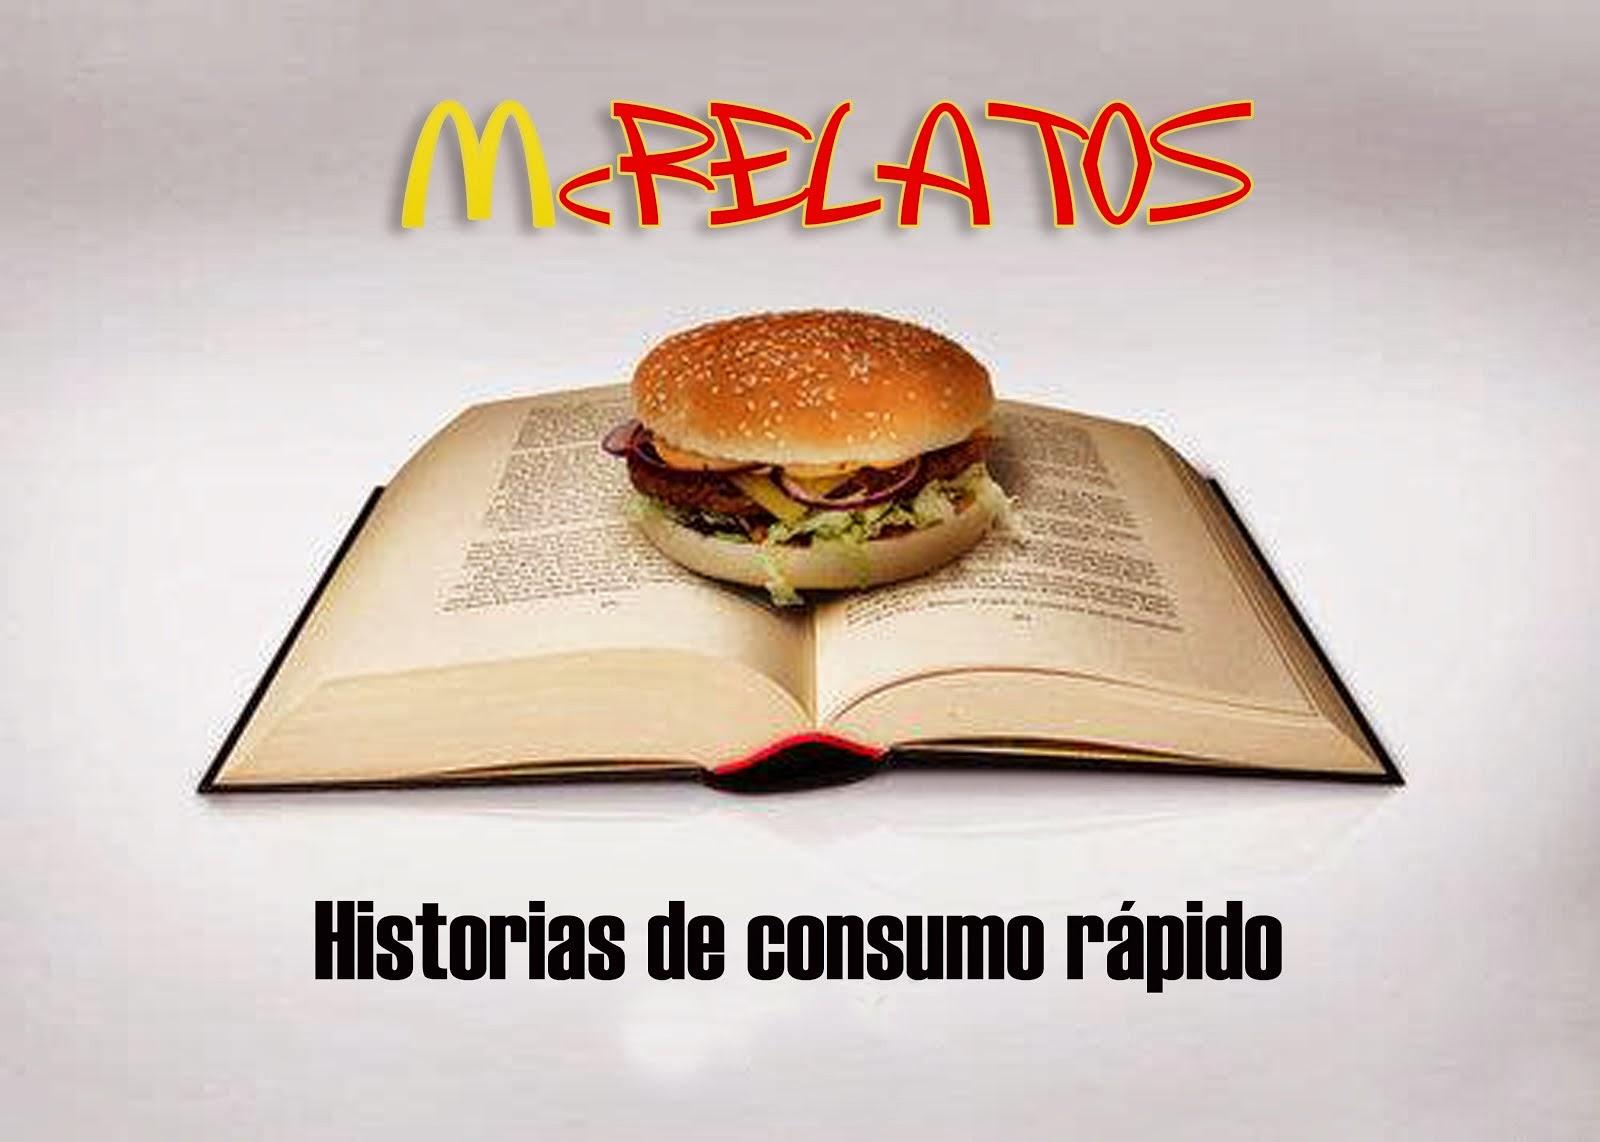 McRelatos